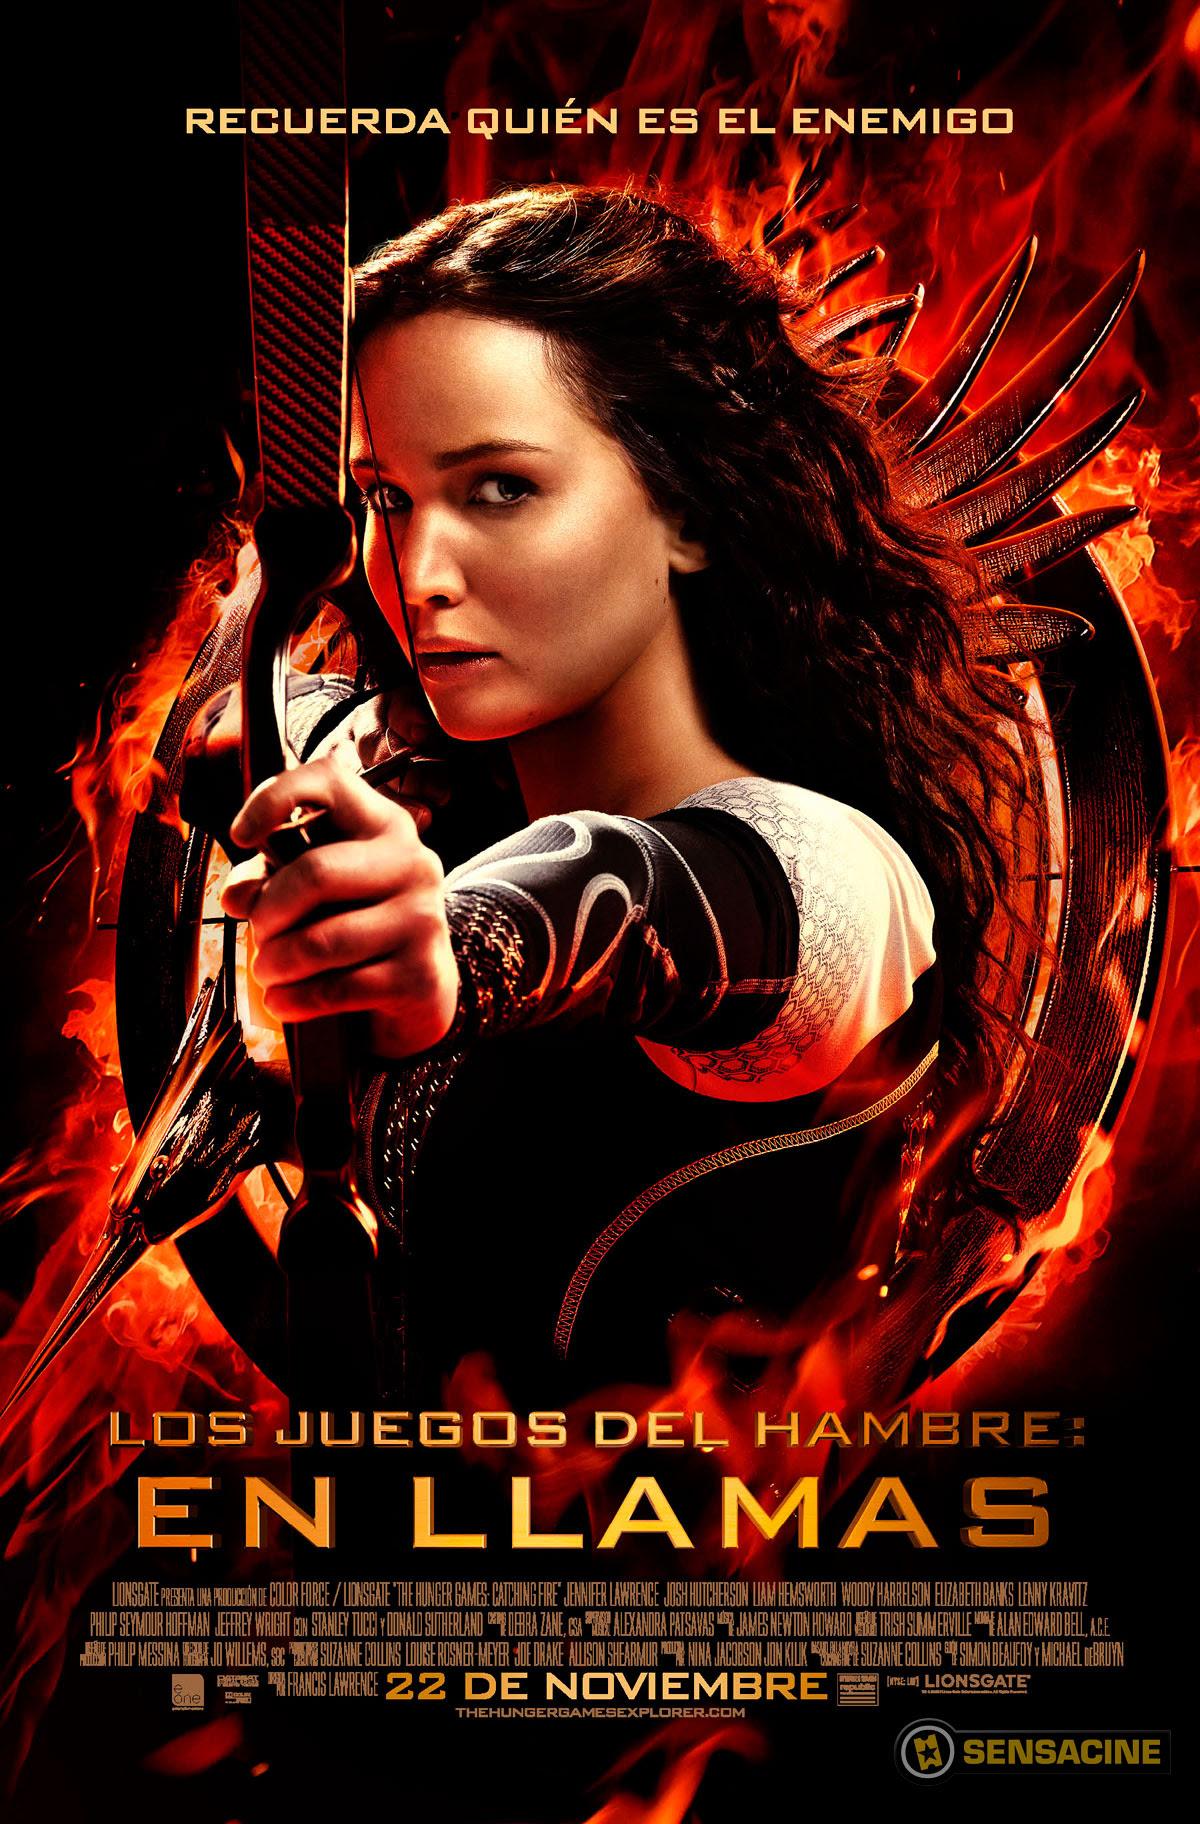 póster de la película En llamas